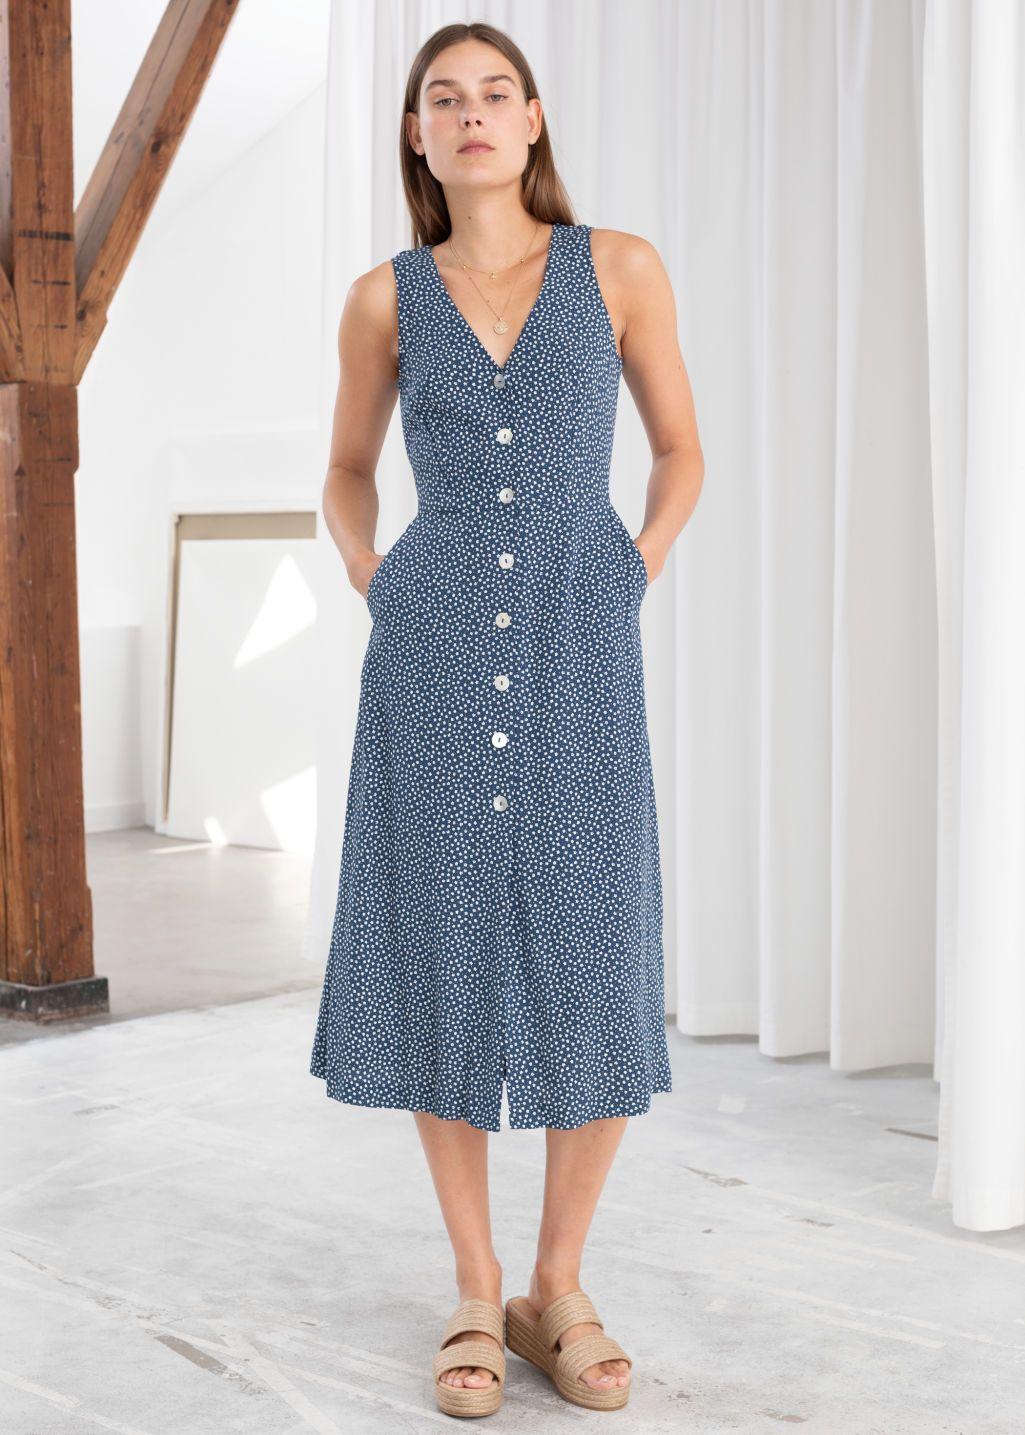 Pdp Blue Floral Midi Dress Midi Dress Dresses [ 1435 x 1025 Pixel ]